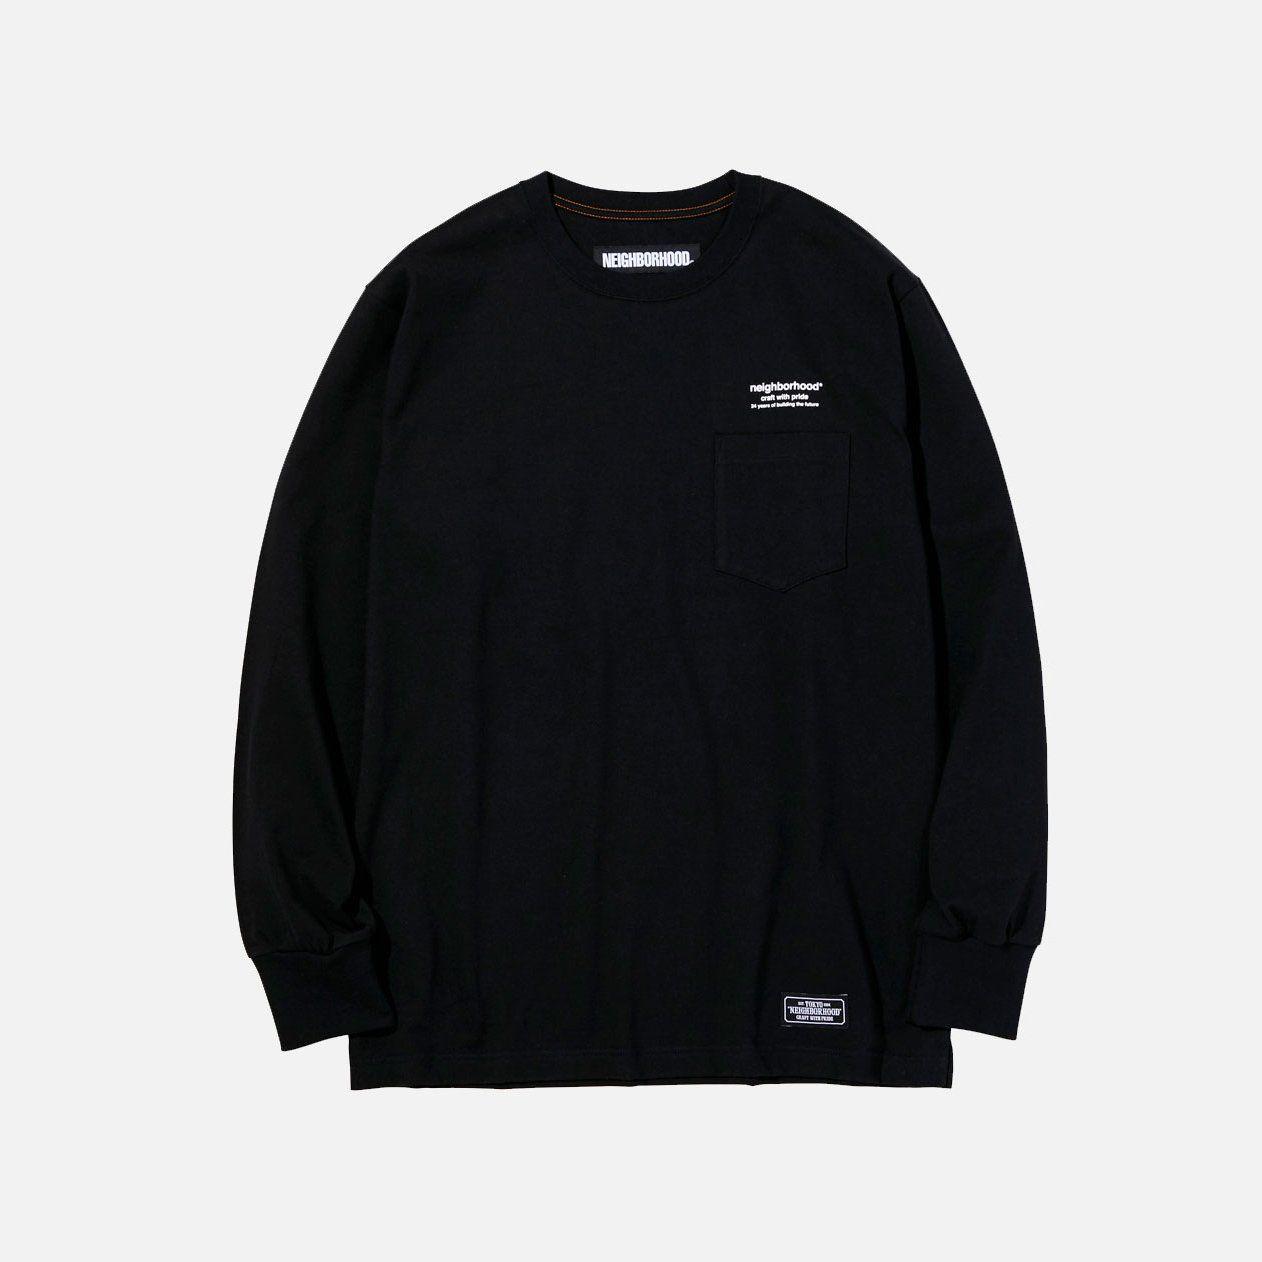 Neighborhood Classic Crew Sweatshirt